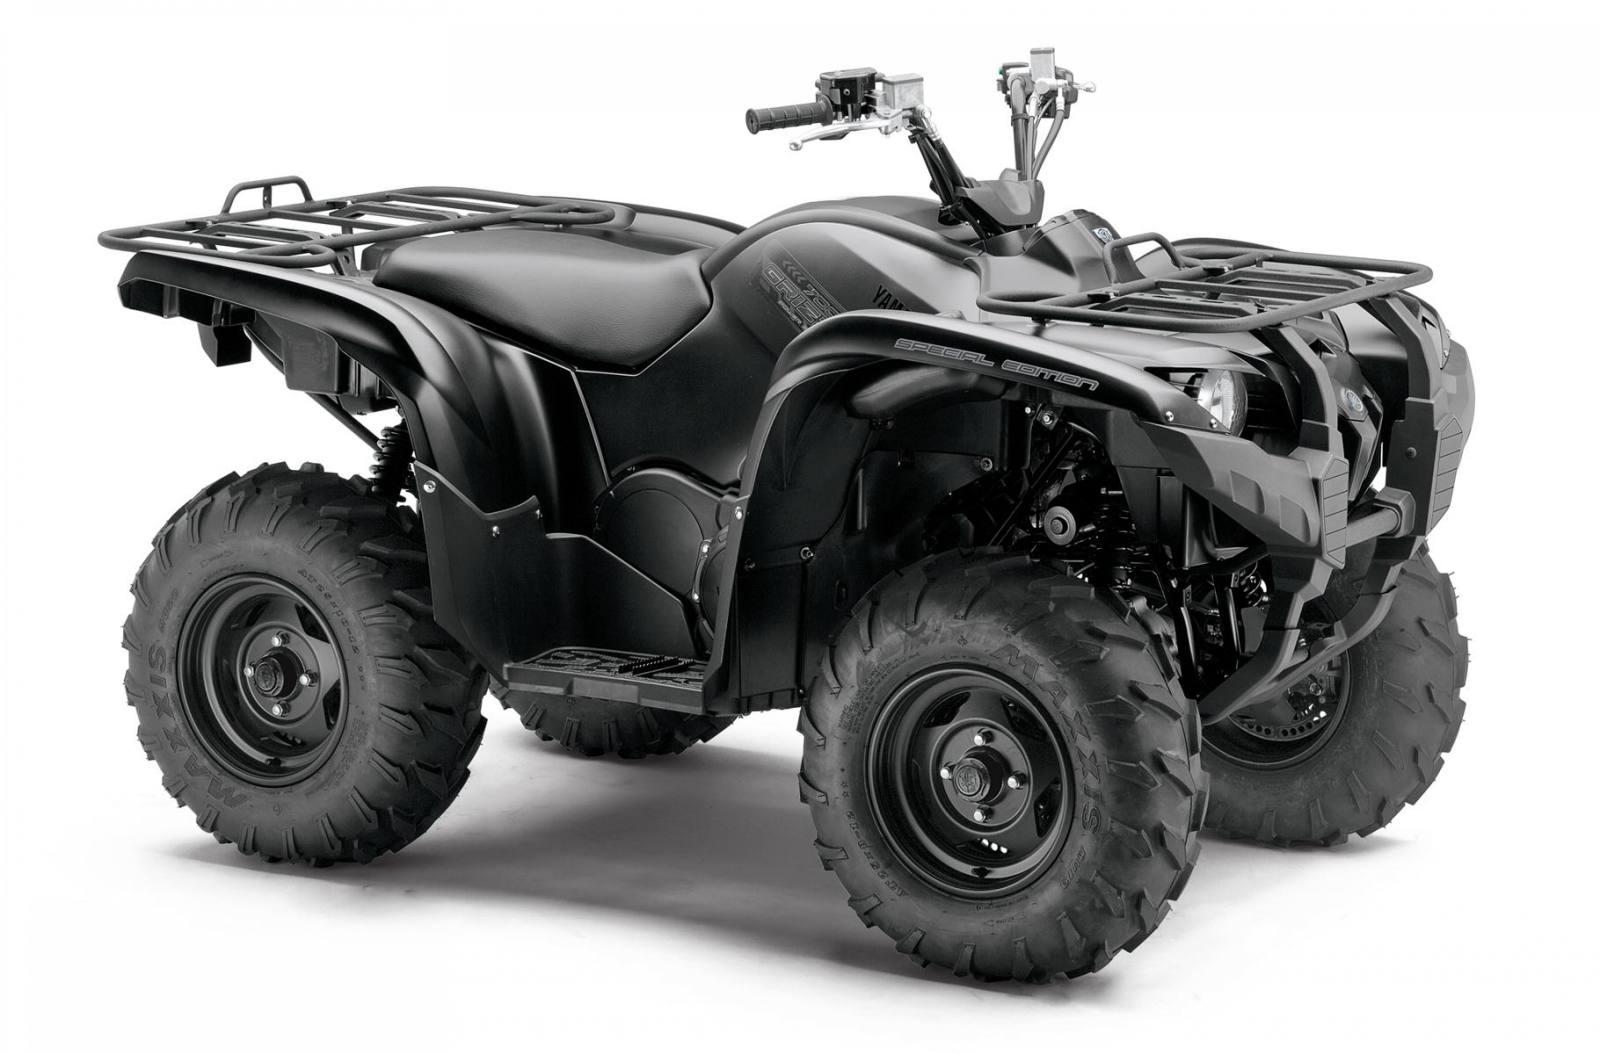 2013 Yamaha Grizzly 700 FI Auto. 4x4 EPS Special Edition for sale in on yamaha gsxr 1000, yamaha bruin 350, yamaha logo, yamaha fjr1300, yamaha kodiak, yamaha m1 2015, yamaha atv, yamaha blaster, yamaha warrior, yamaha quads, yamaha raptor, yamaha viking, yamaha phazer, yamaha rhino, yamaha banshee, yamaha rd350, yamaha spyder rt limited, yamaha viper, yamaha yfz450, yamaha wolverine,